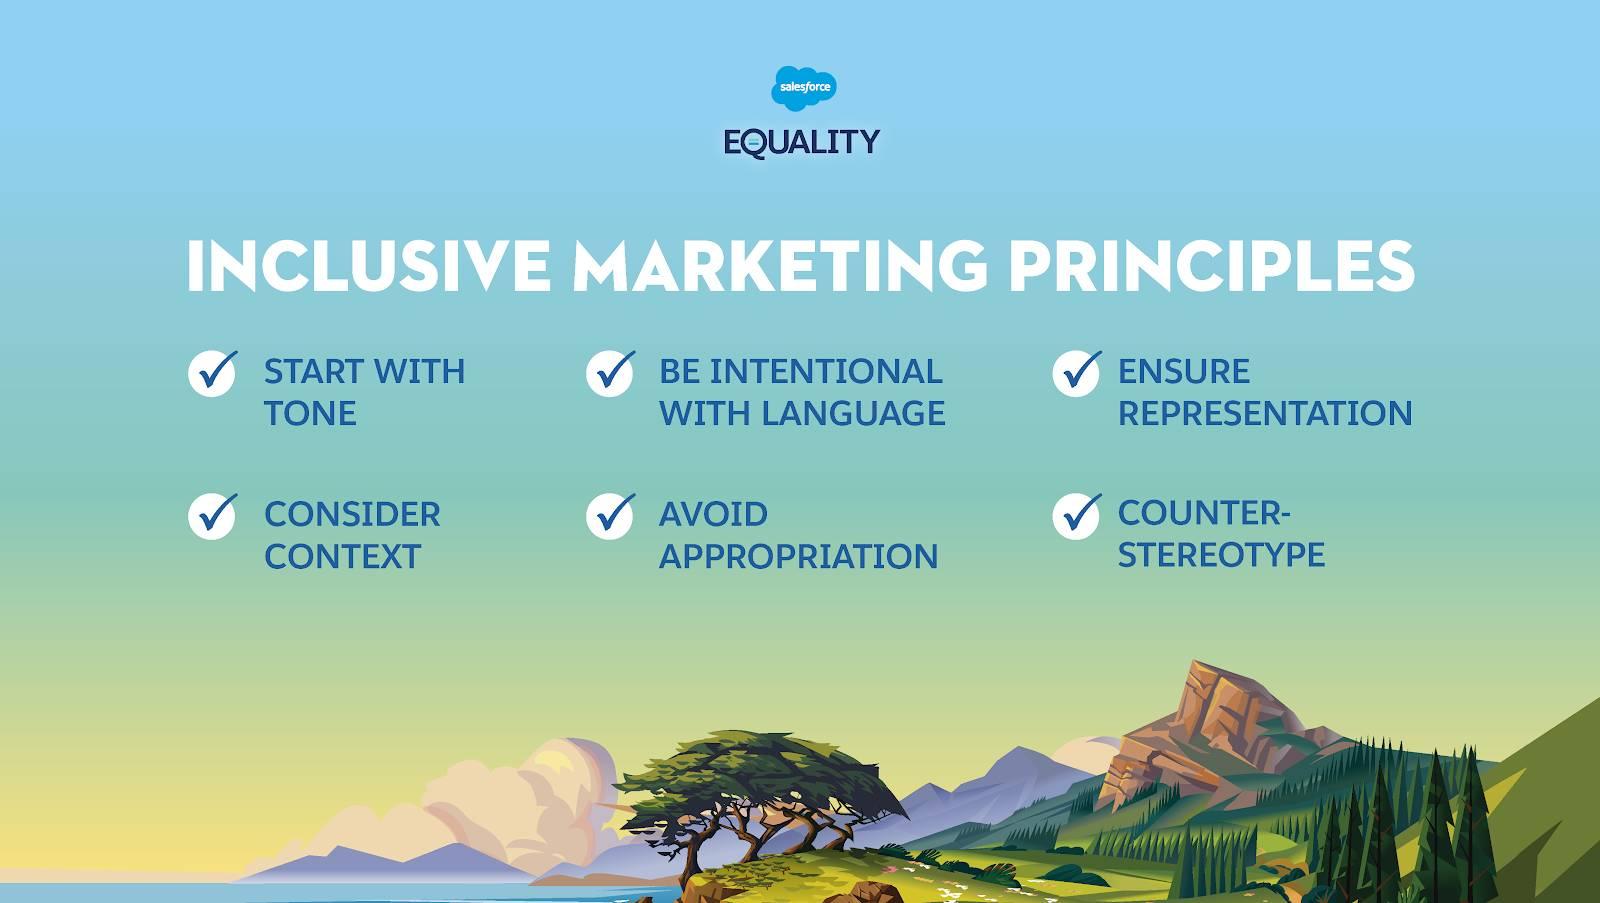 Diagramm mit den nachfolgend aufgeführten sechs Prinzipien integrativen Marketings.